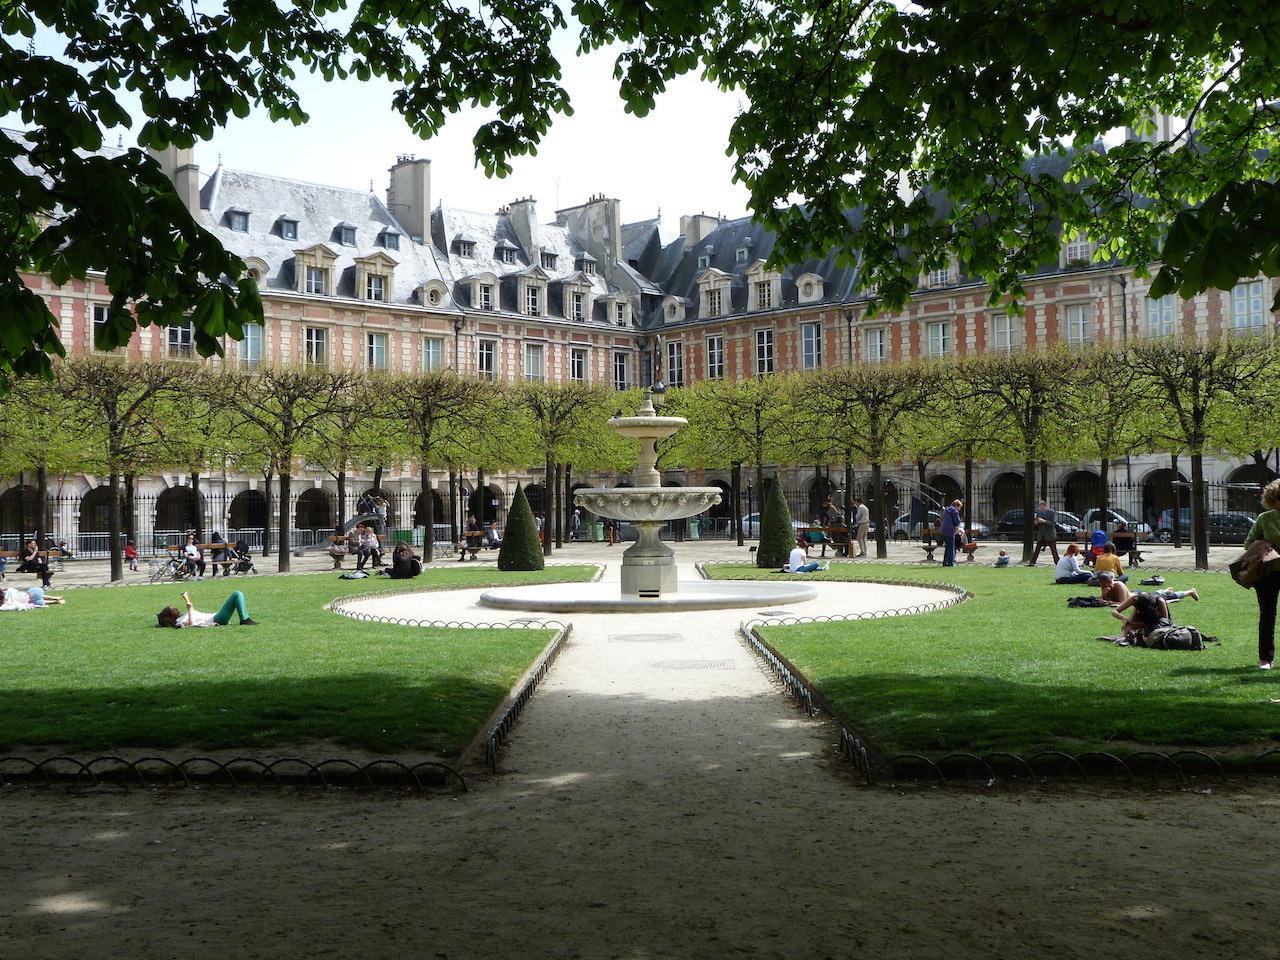 În palatul din inima Parisului | Societate | DW |